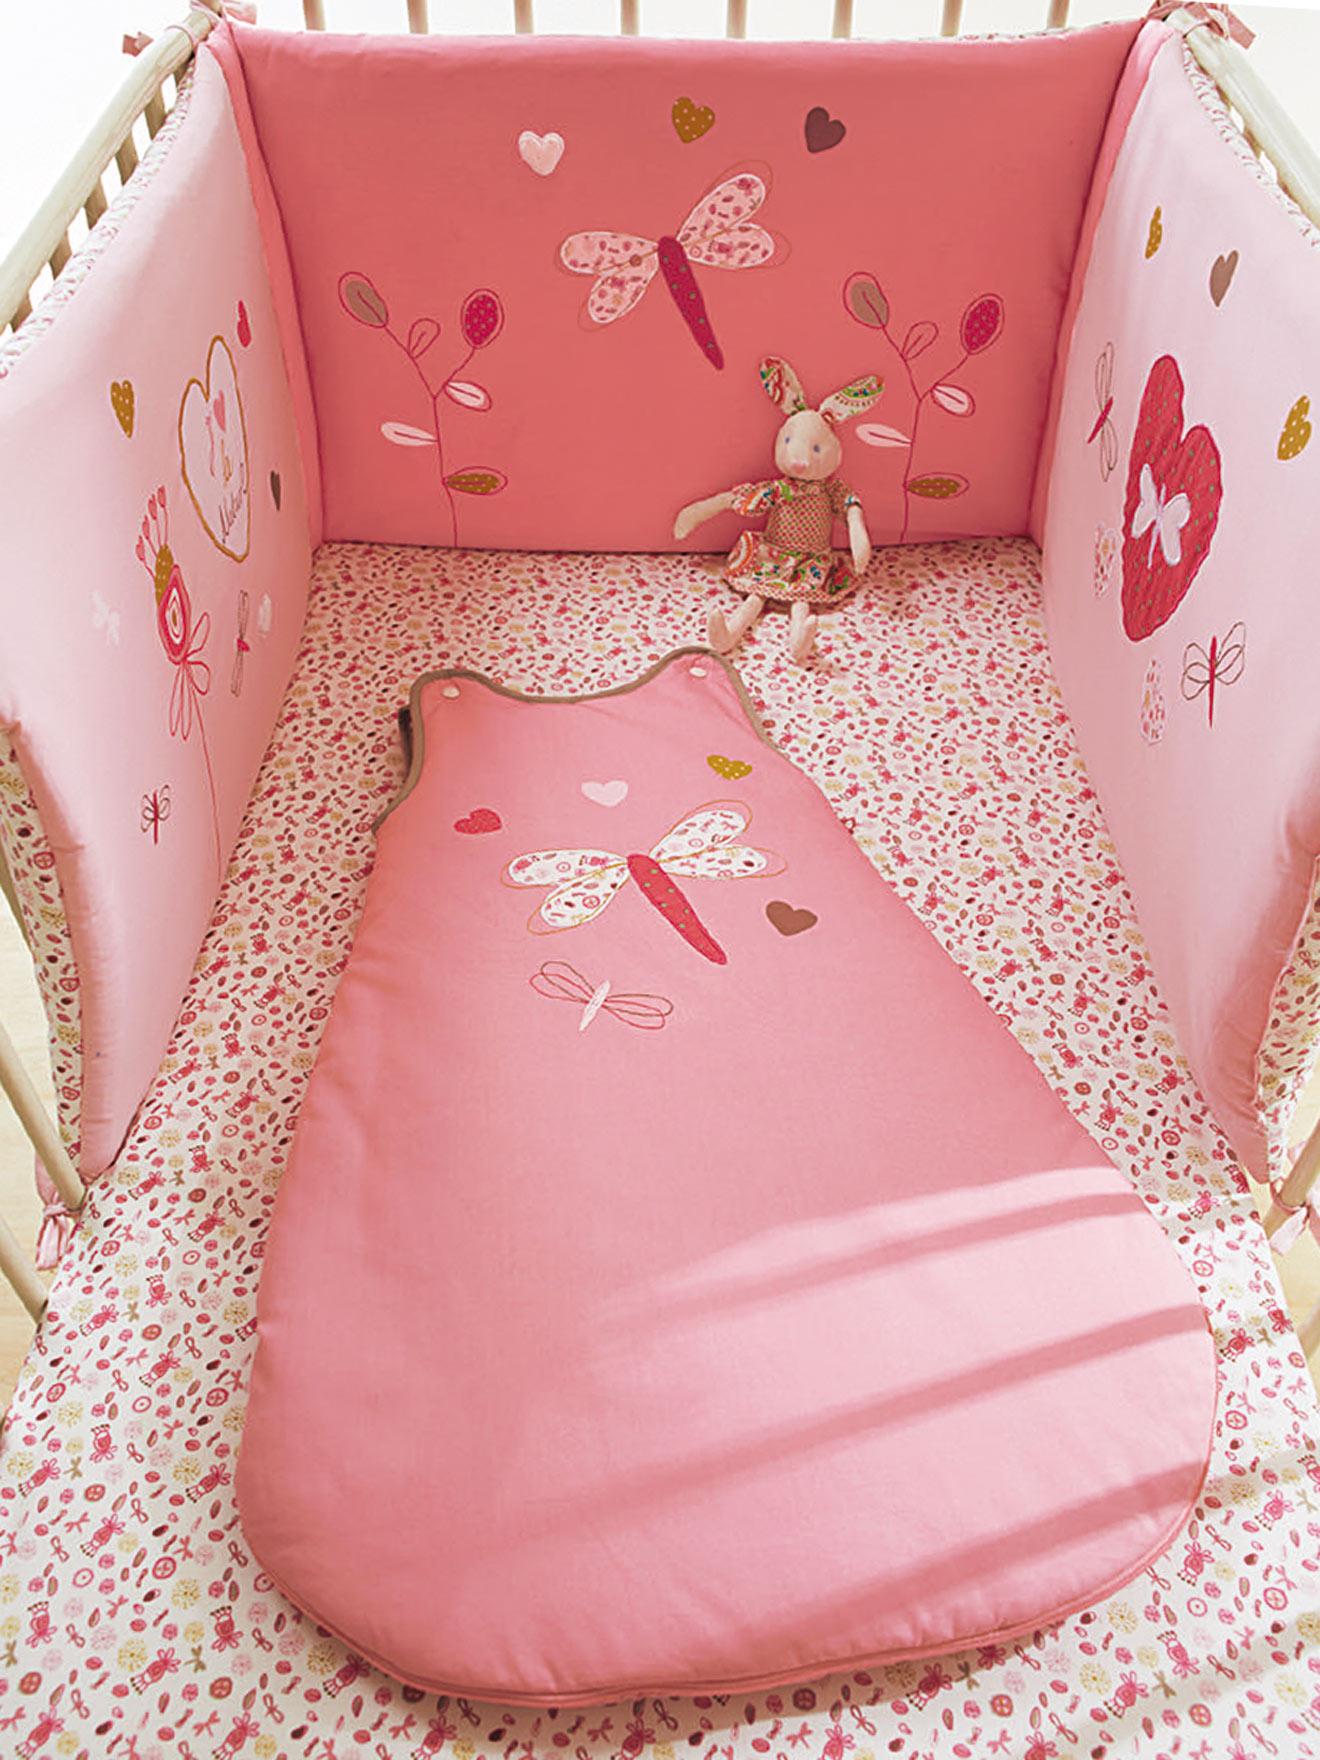 tour de lit libellule bébé d abord rapline93 | le monde de bébé | Page 5 tour de lit libellule bébé d abord